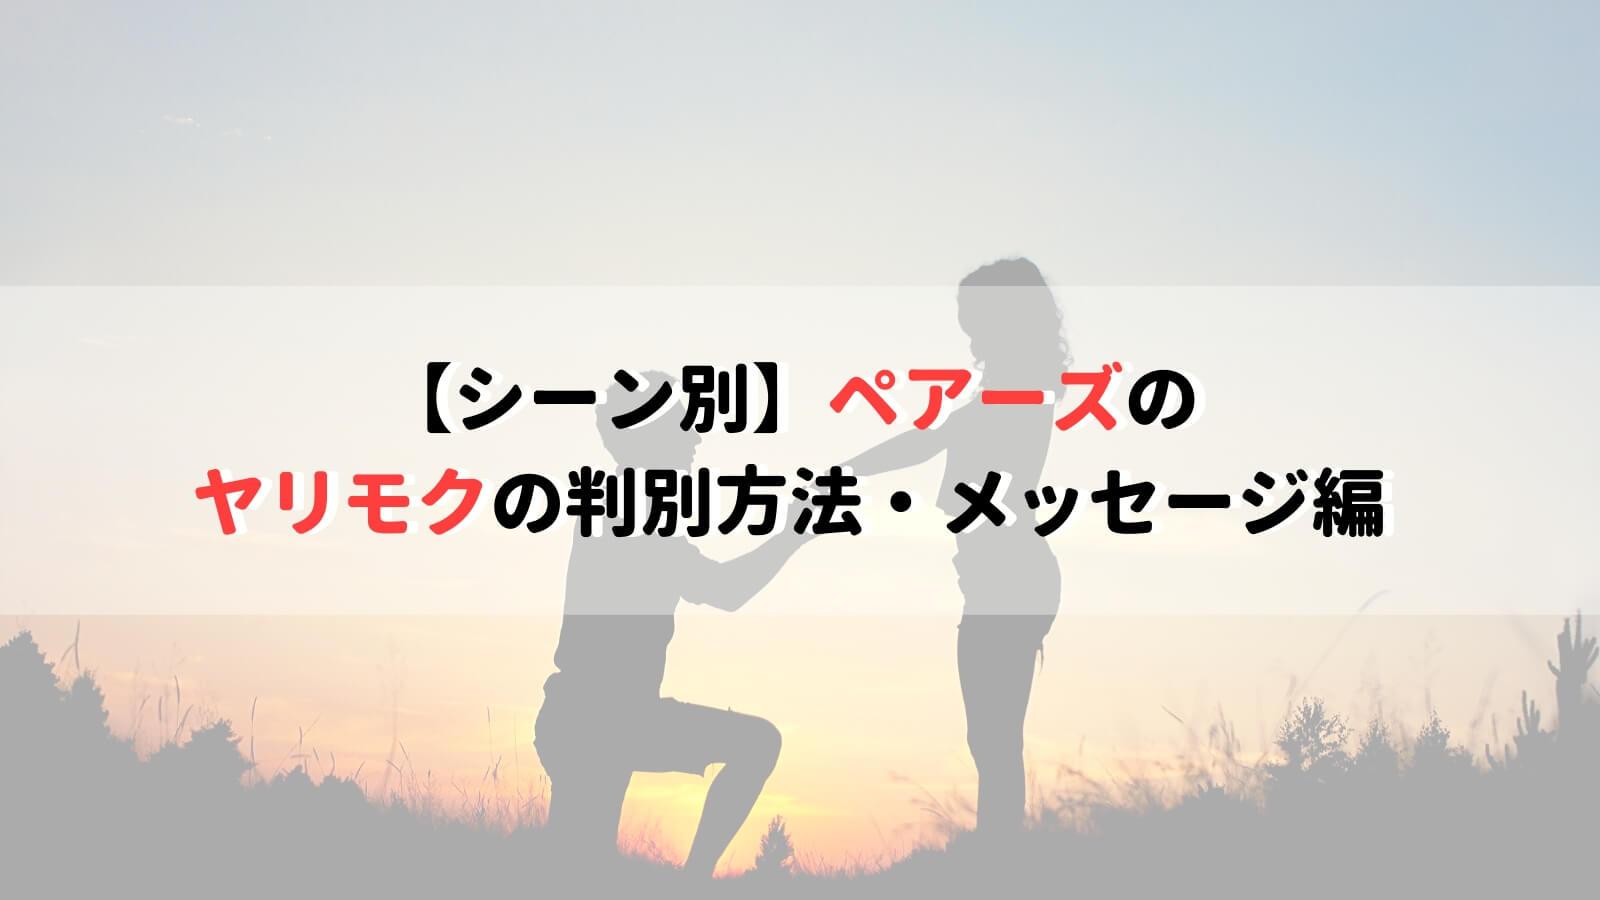 【シーン別】ペアーズのヤリモク判別方法・メッセージ編